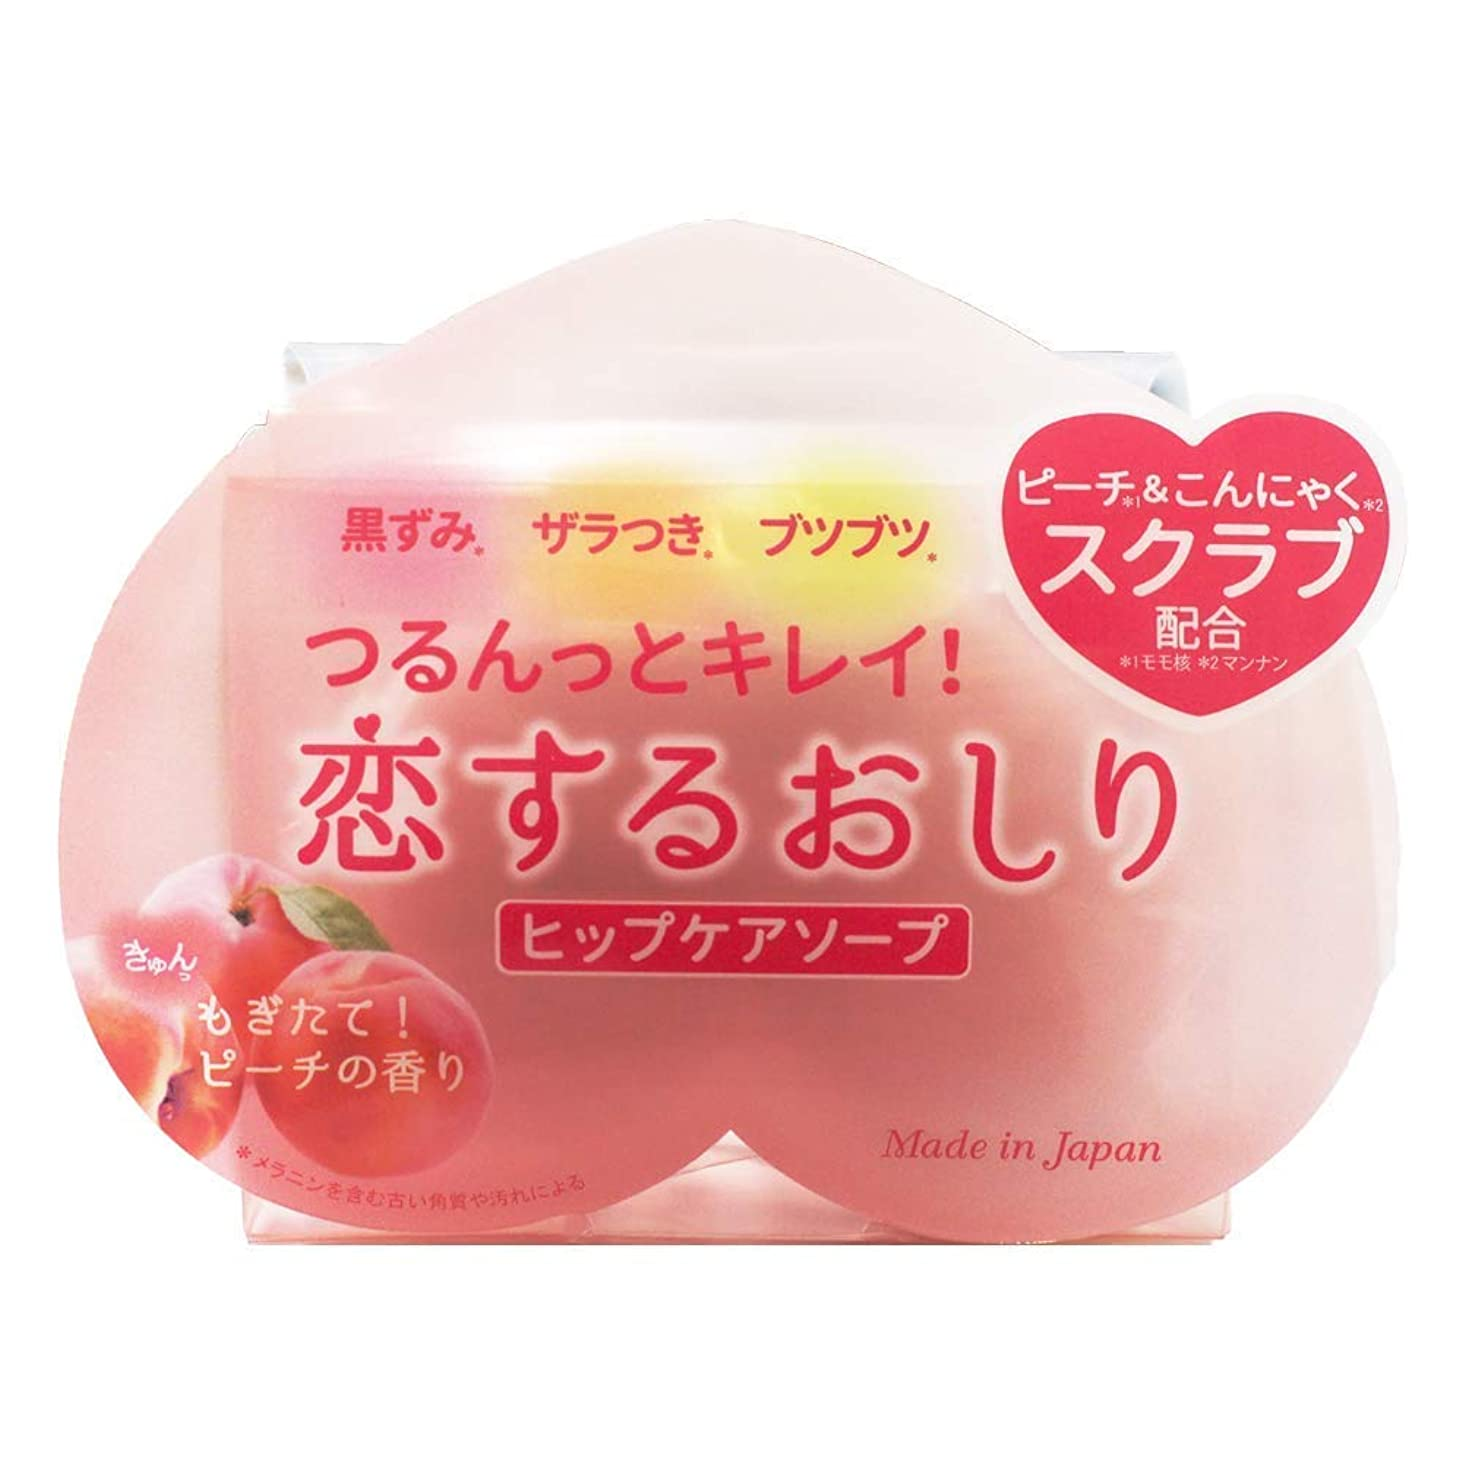 バンド水平フレット【まとめ買い】ペリカン石鹸 恋するおしり ヒップケアソープ 80g×2個